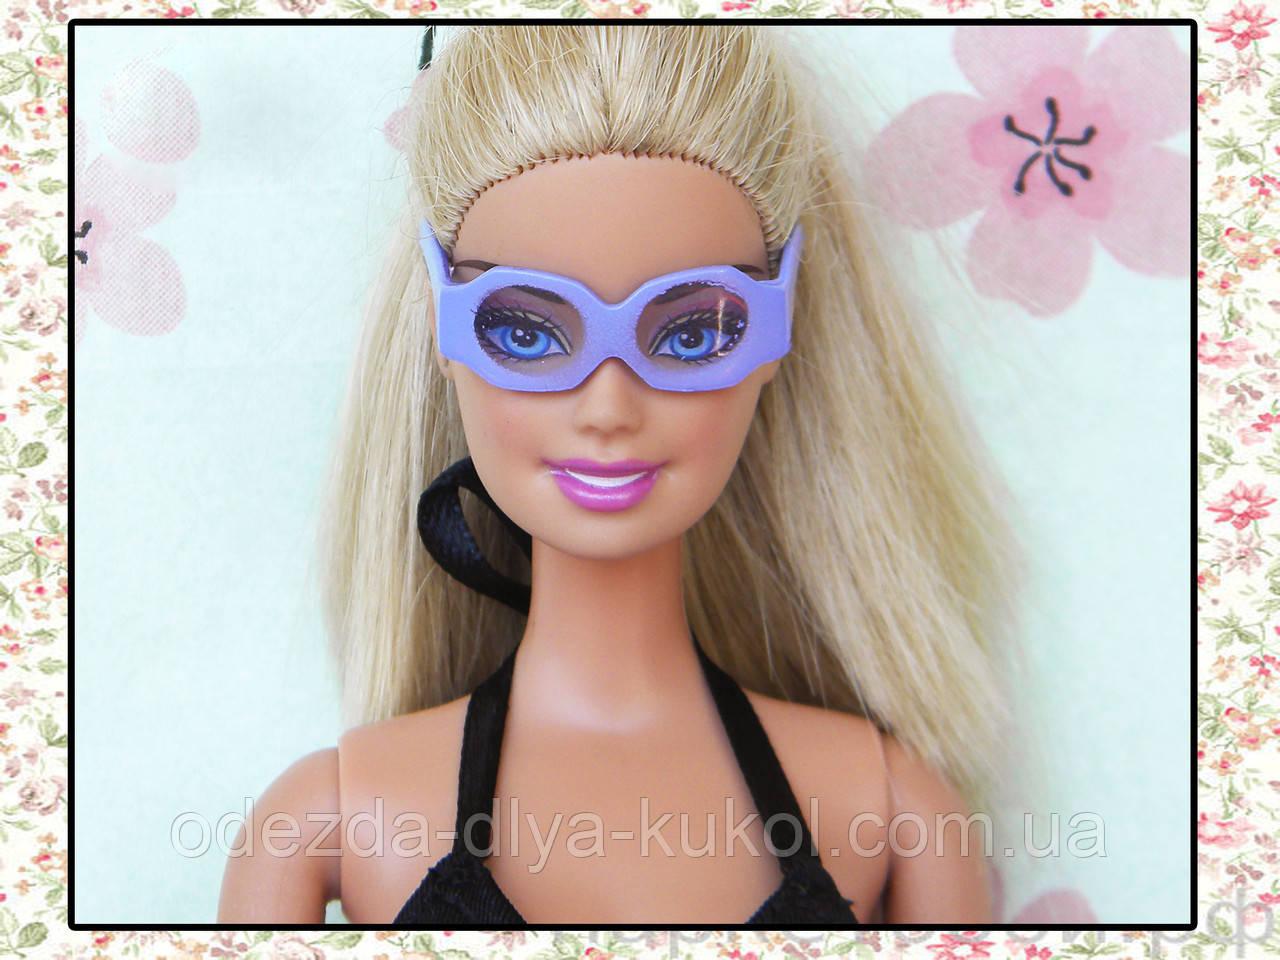 Аксесуари для ляльок - окуляри